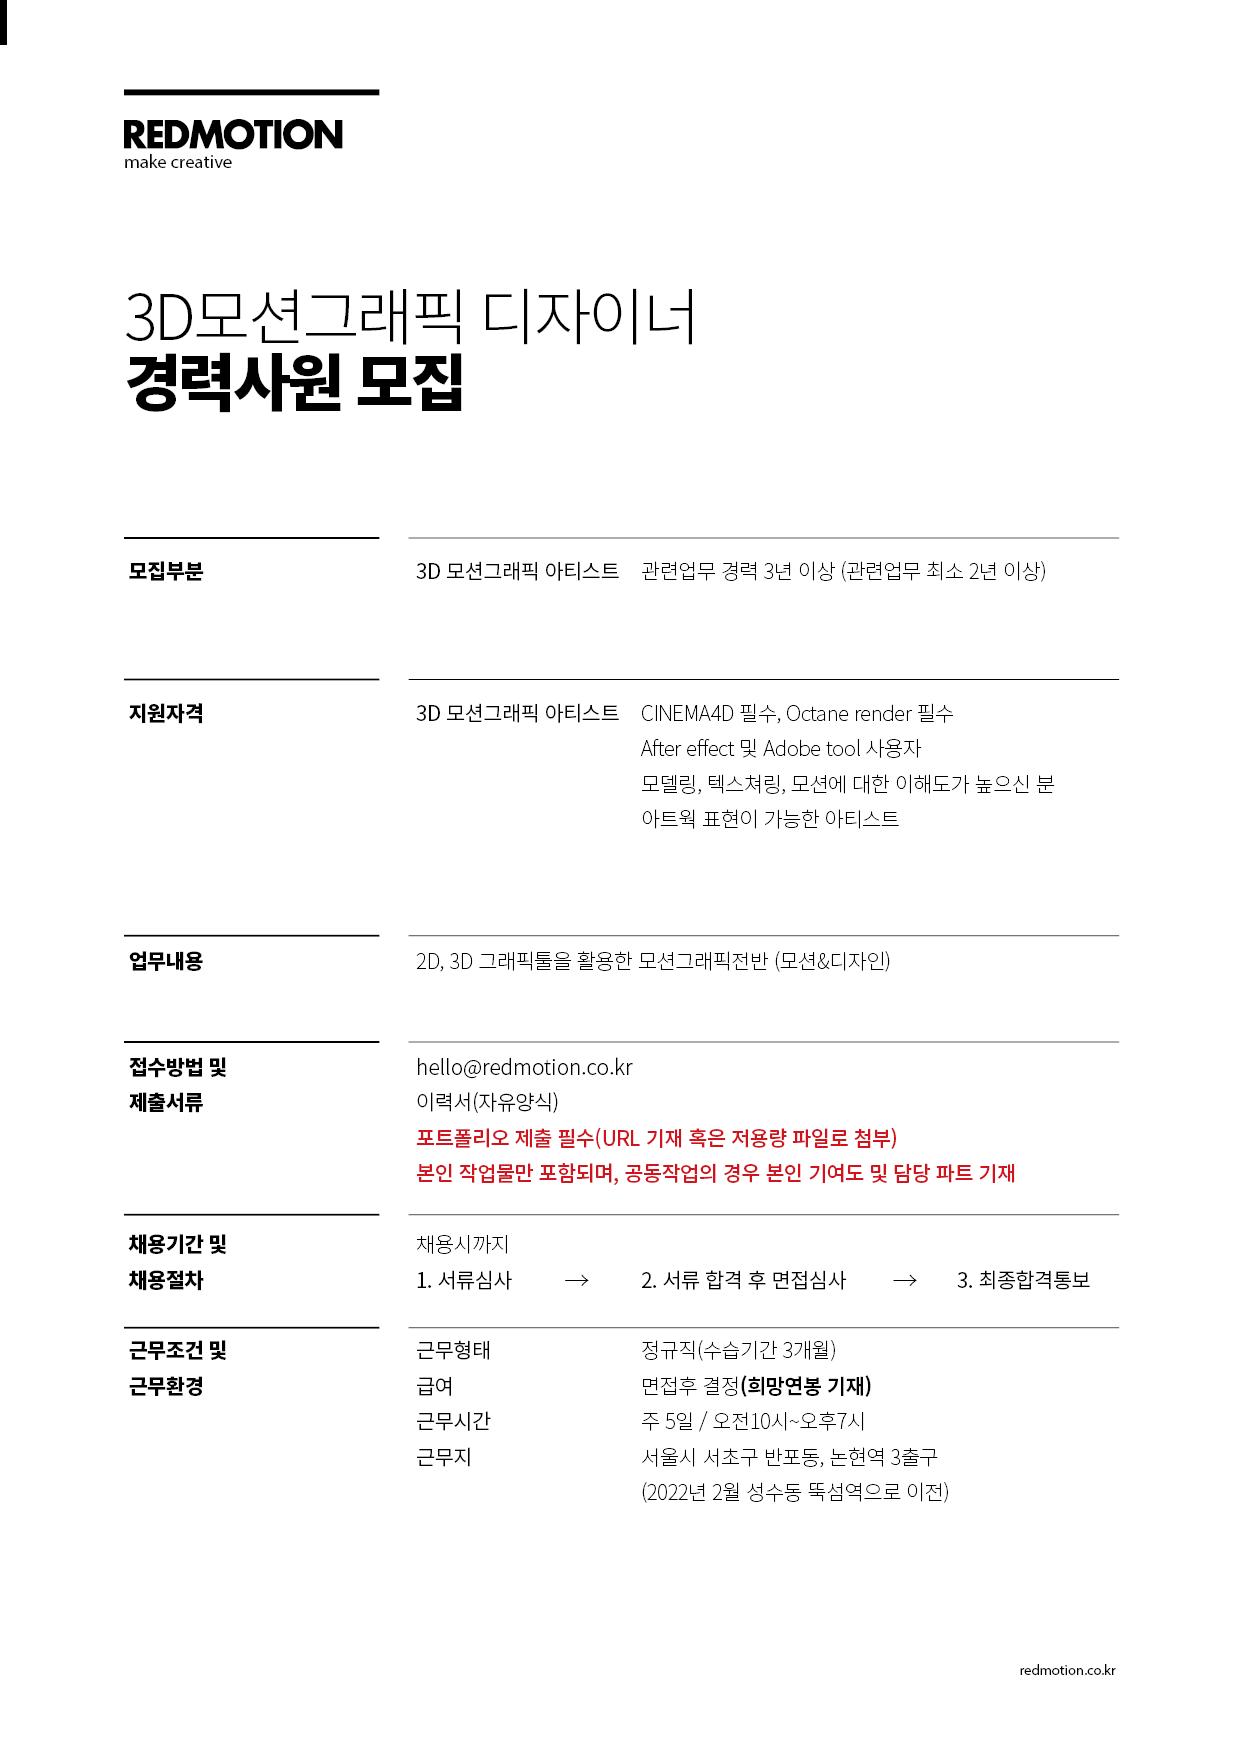 채용 공고20210126.png